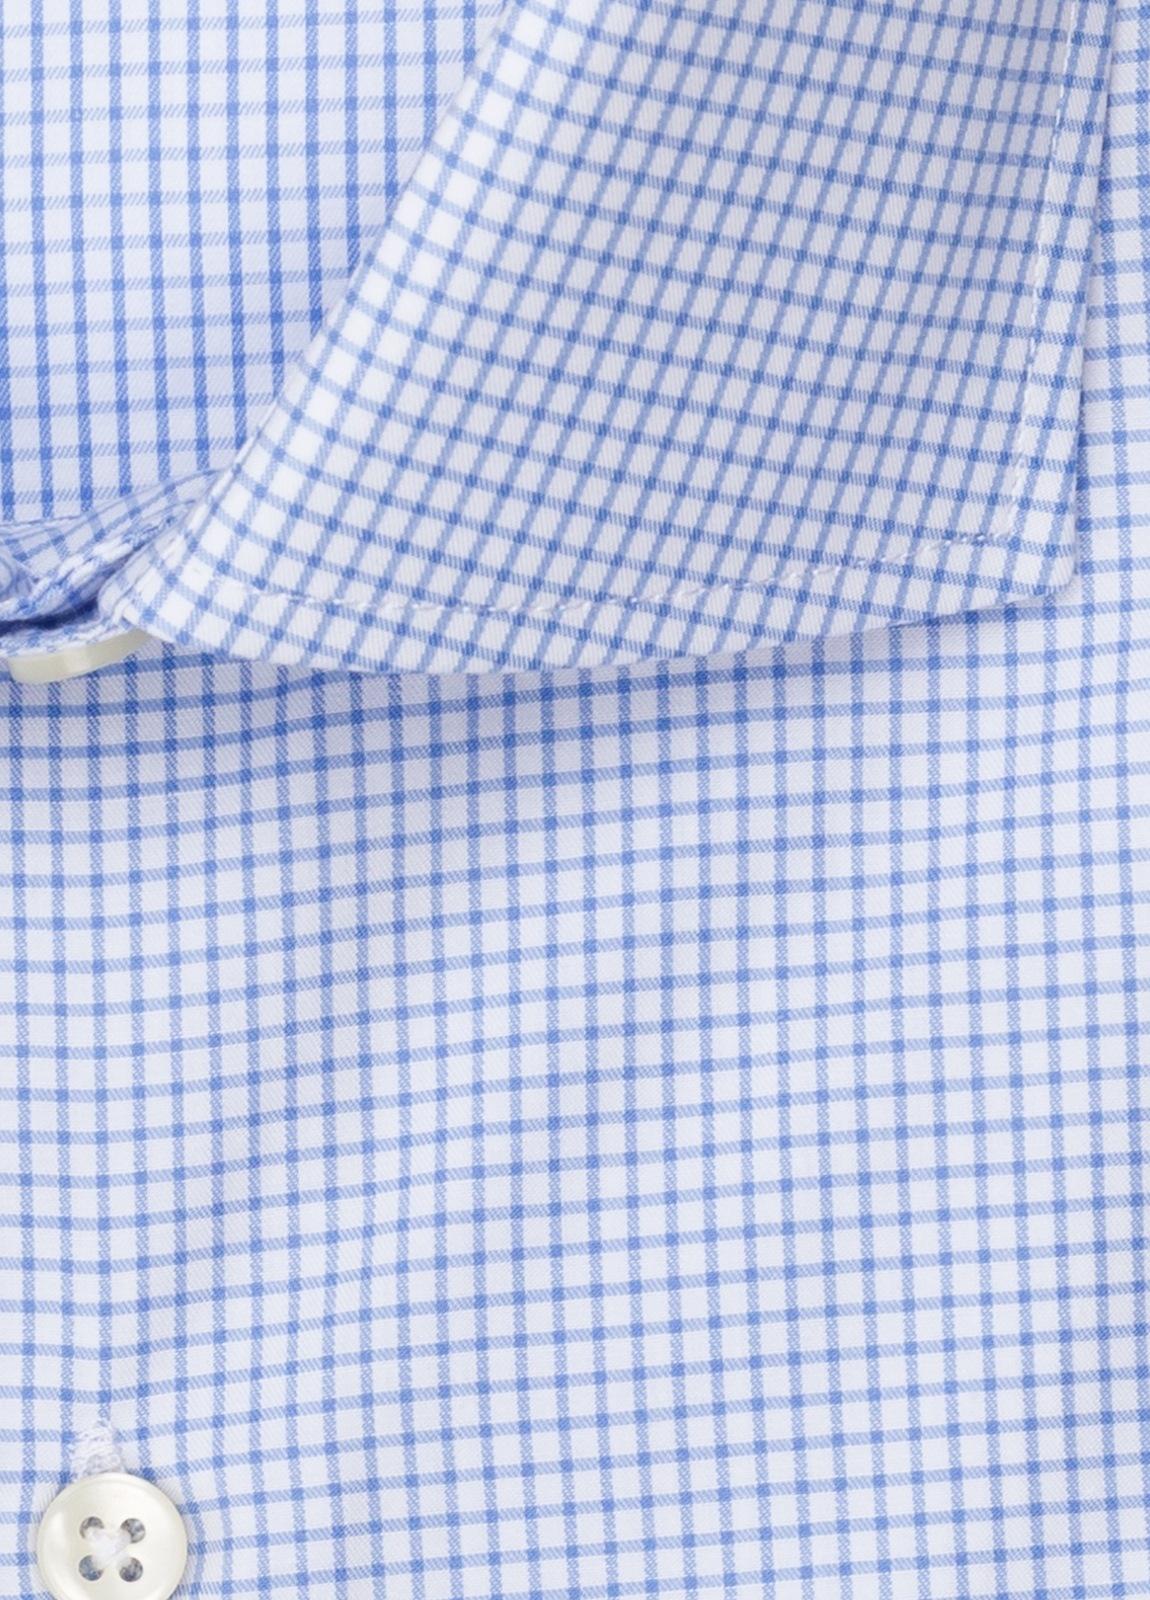 Camisa vestir FUREST COLECCIÓN regular fit cuello italiano cuadro libreta azul - Ítem2